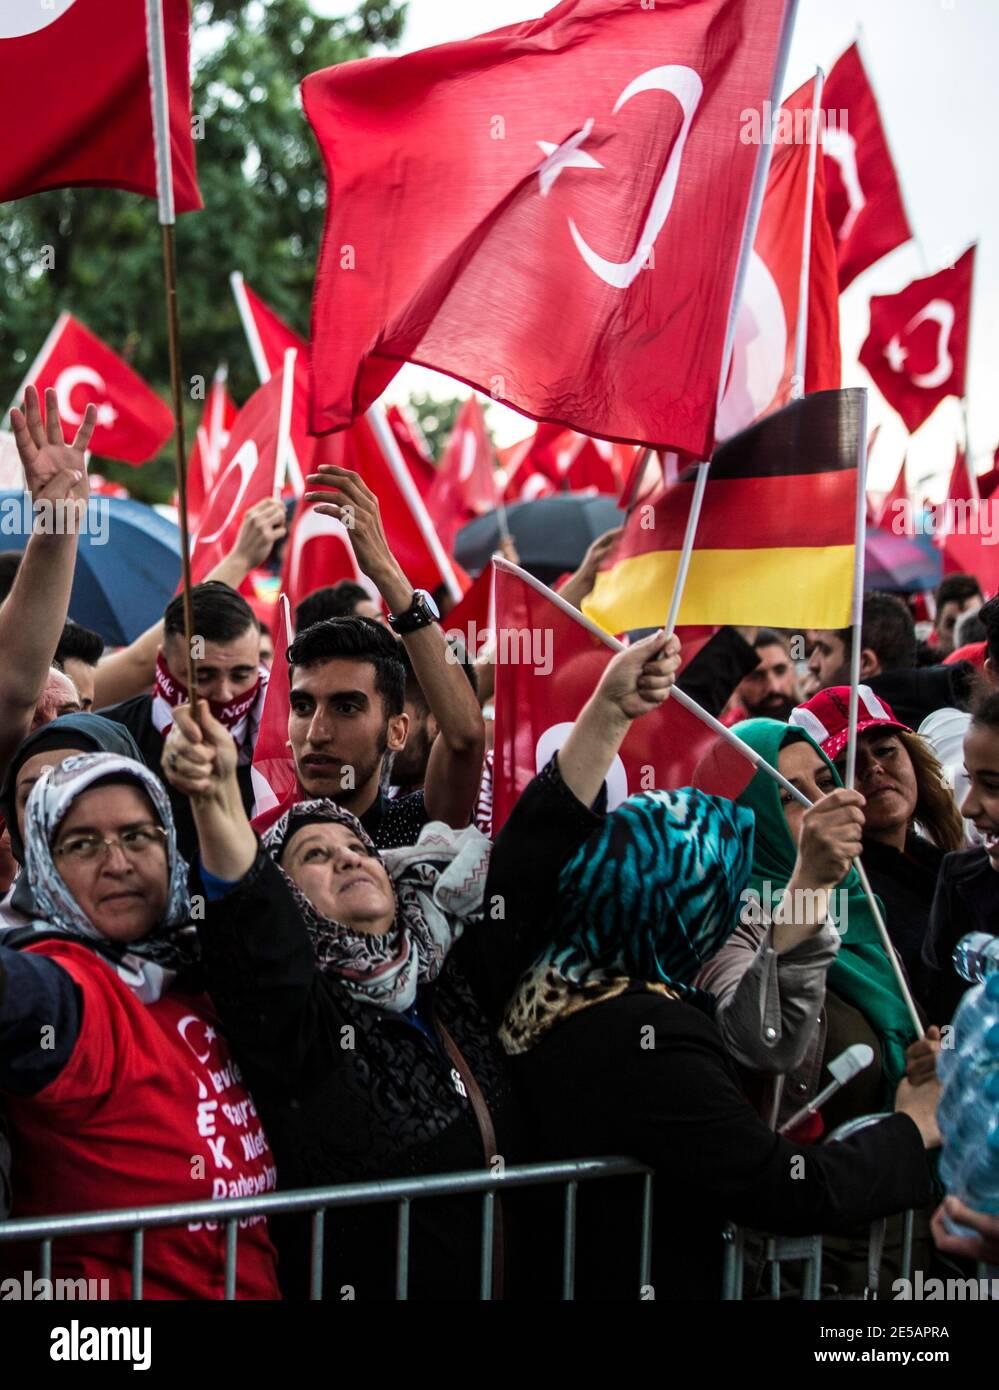 Ältere Frauen mit Kopftüchern schwenken türkische und deutscha Flaggen auf der Erdogan-Demonstration in Köln. Im Hintergrund deutsch-türkische junge M Stock Photo